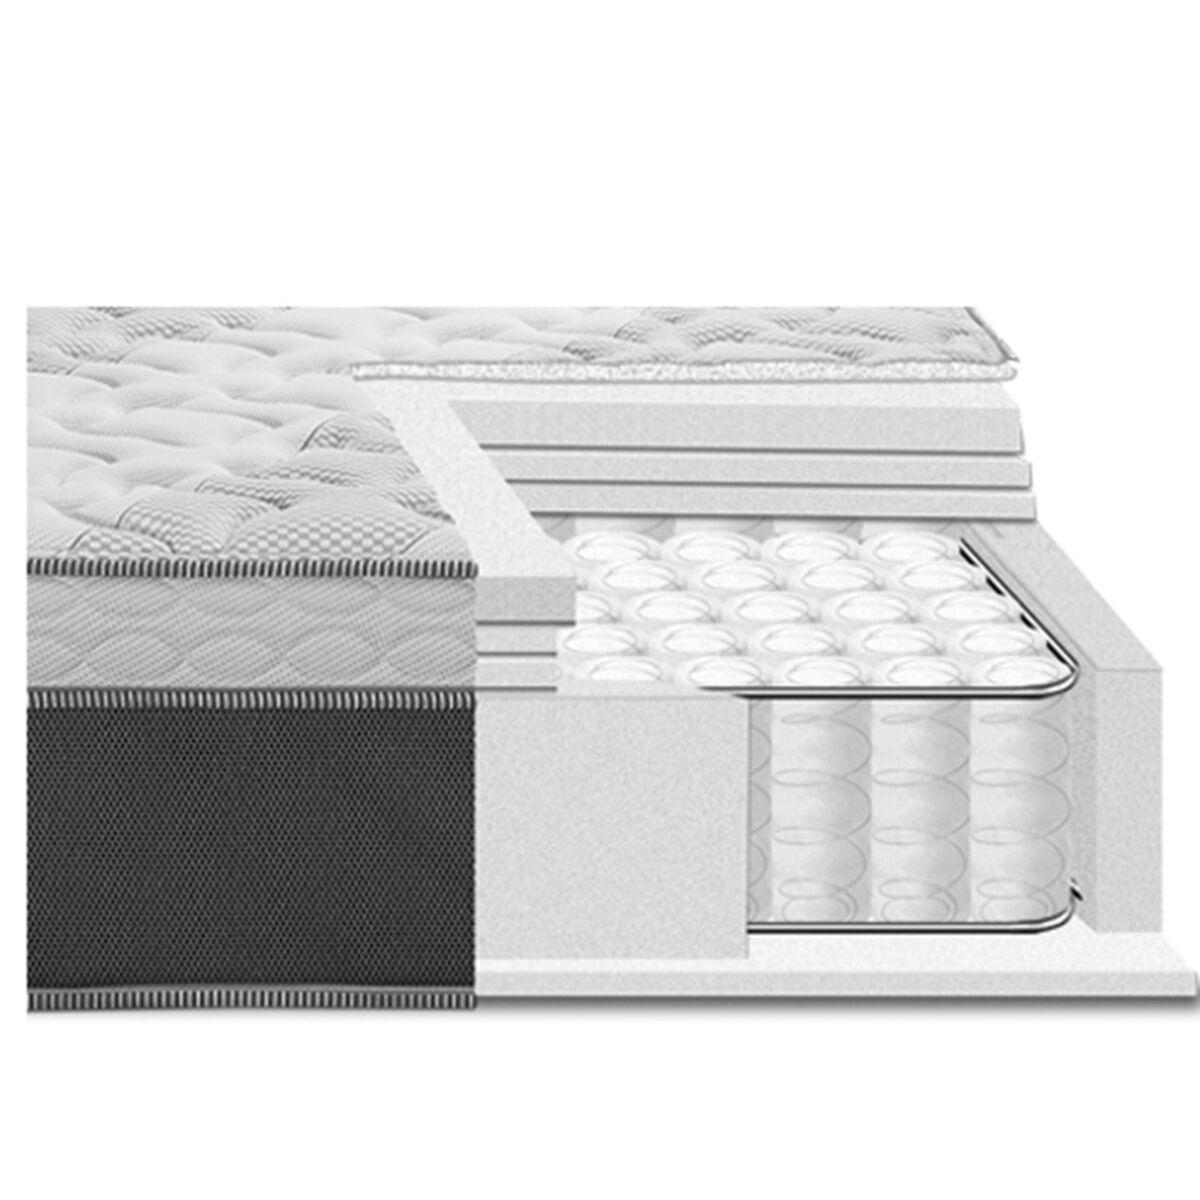 Box Ibérico Celta Everest Cobre 2 Pl B/D + Textil